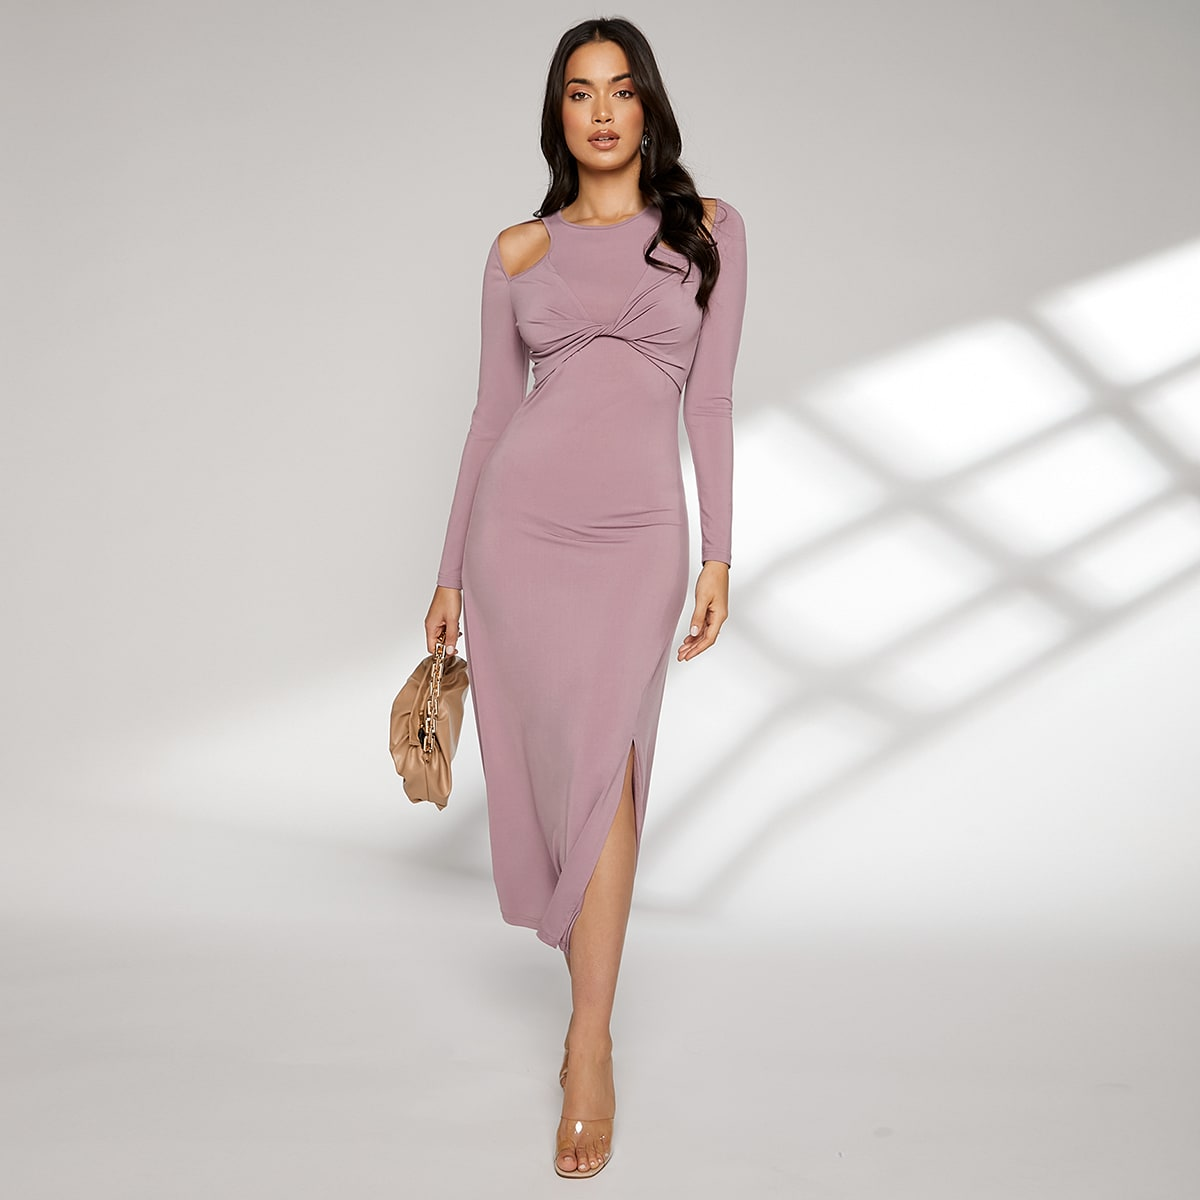 Платье с драпировкой с разрезом с разрезом на плечах SheIn swdress07210525107